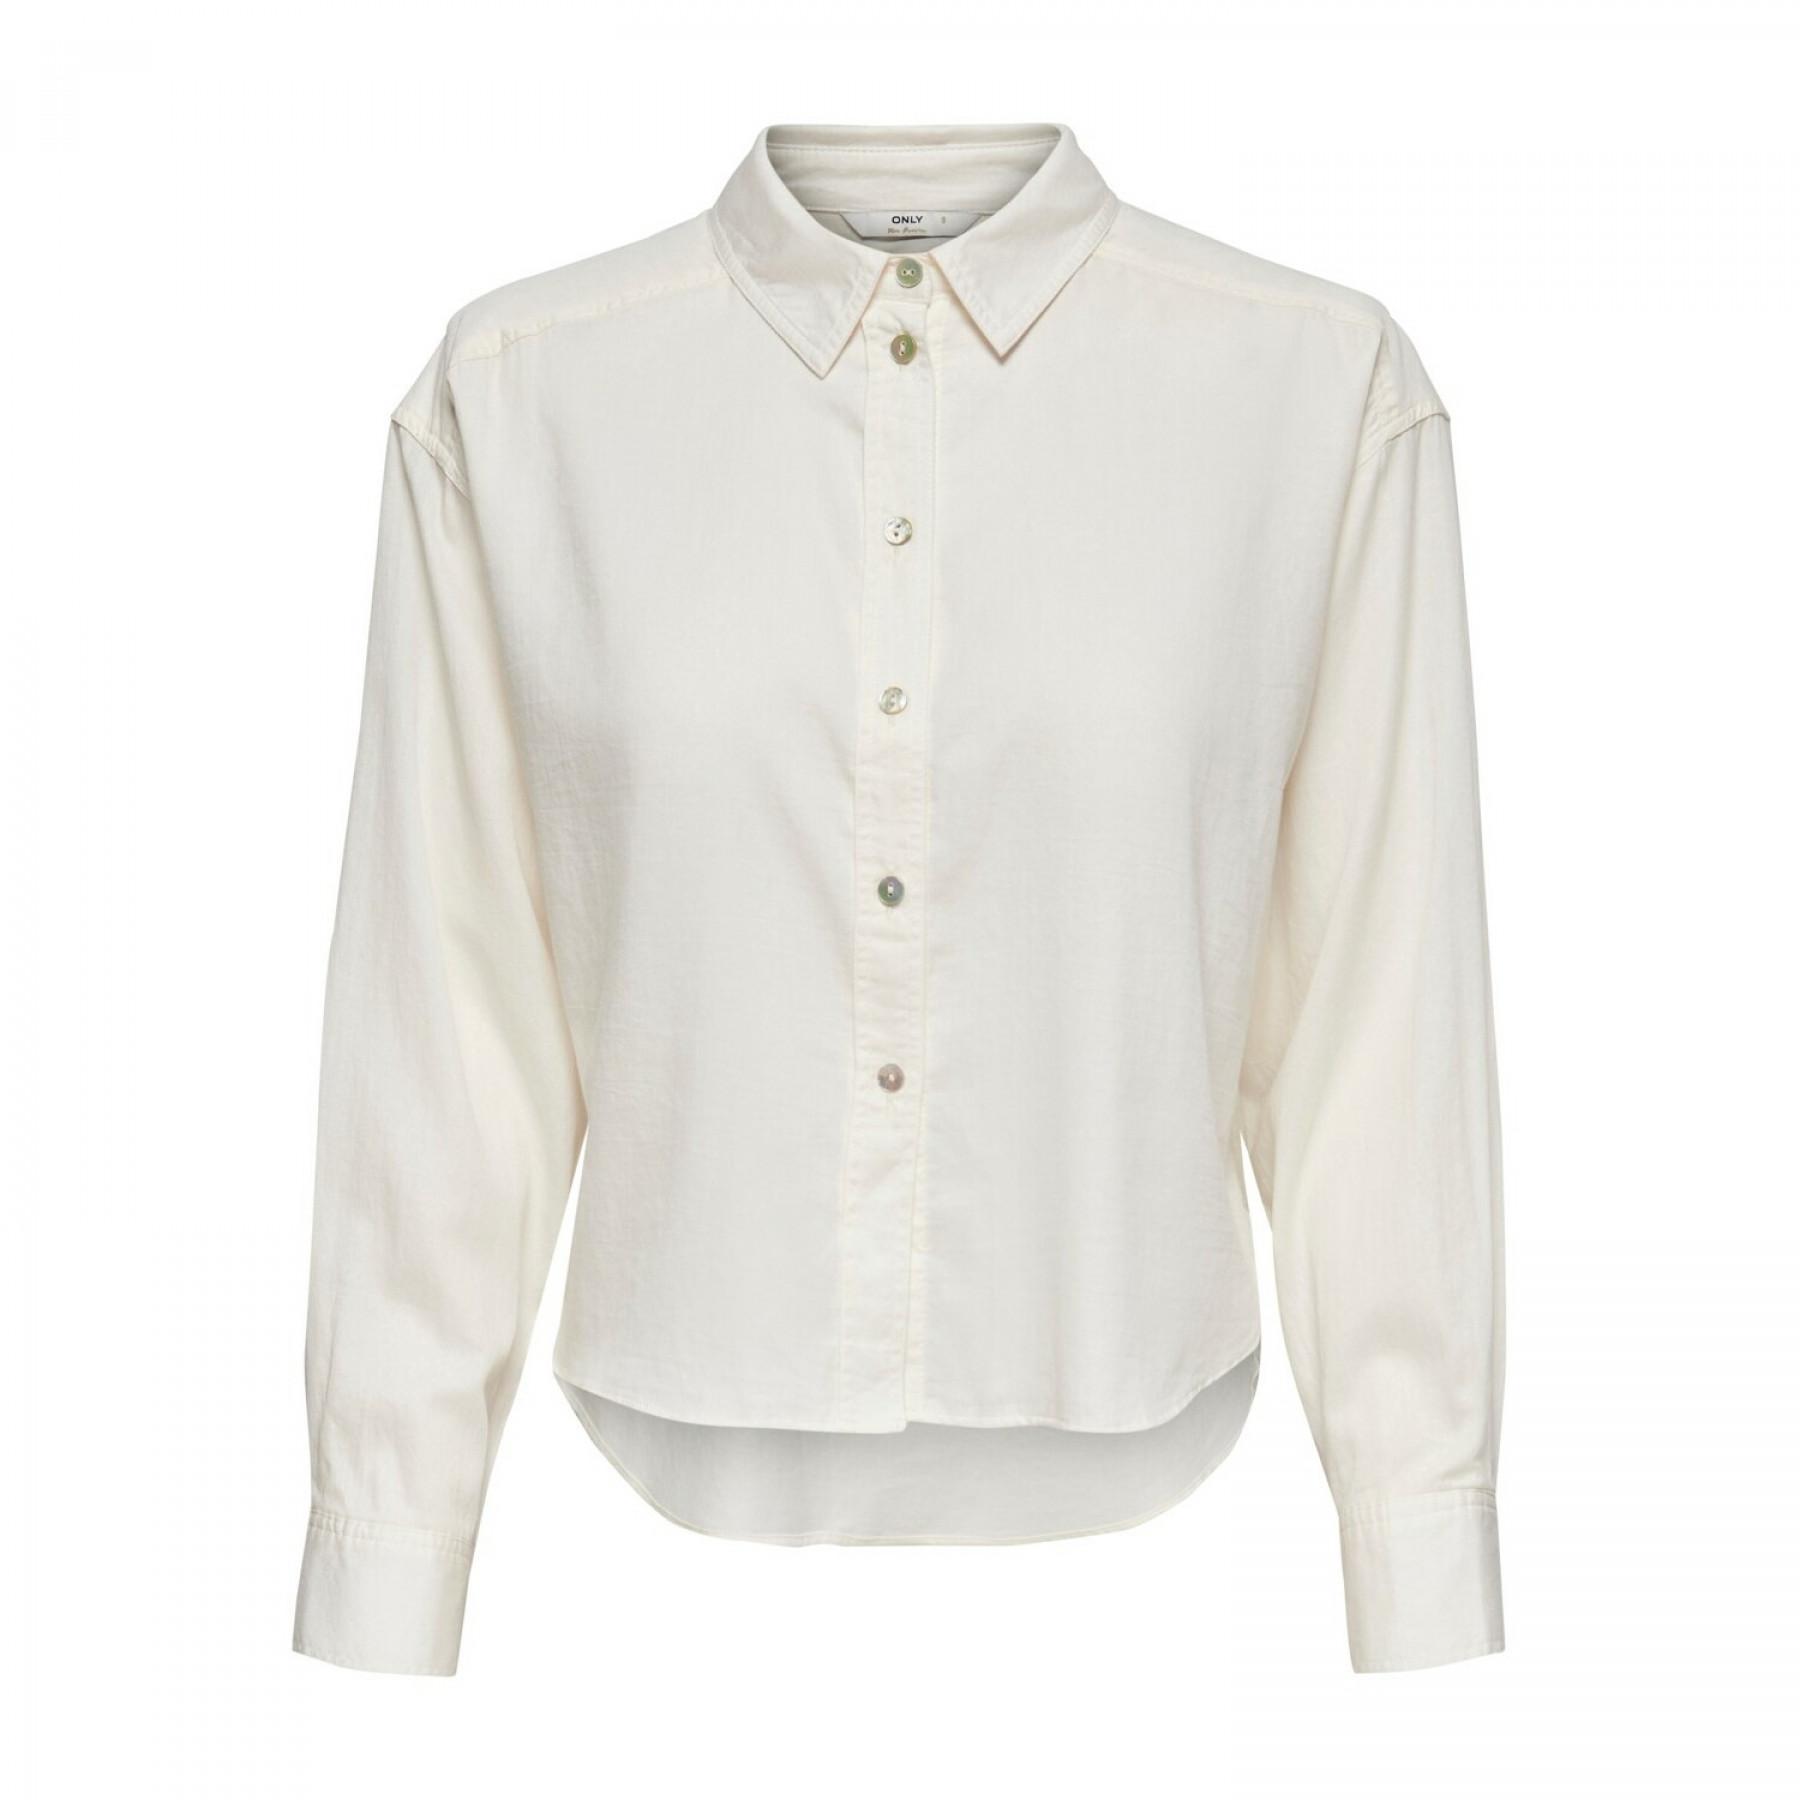 Women's long sleeve shirt Only onlkim